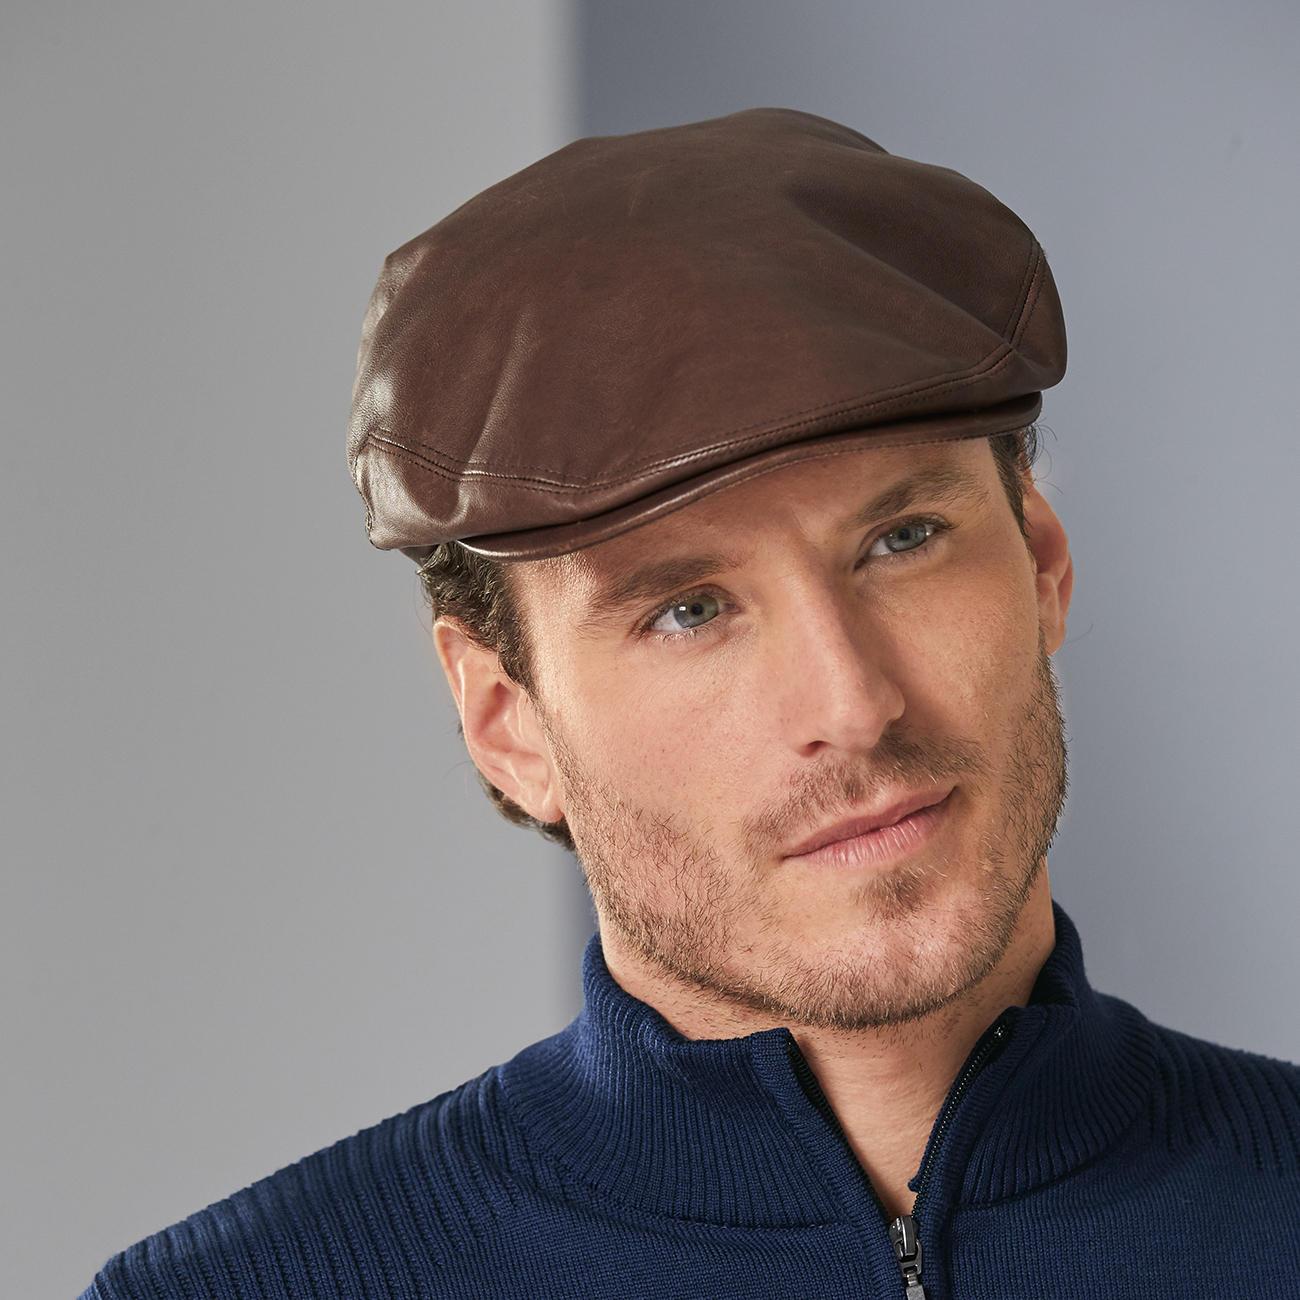 Coole Kopfbedeckung Männer Kopfbedeckungen Für Herren Online Kaufen